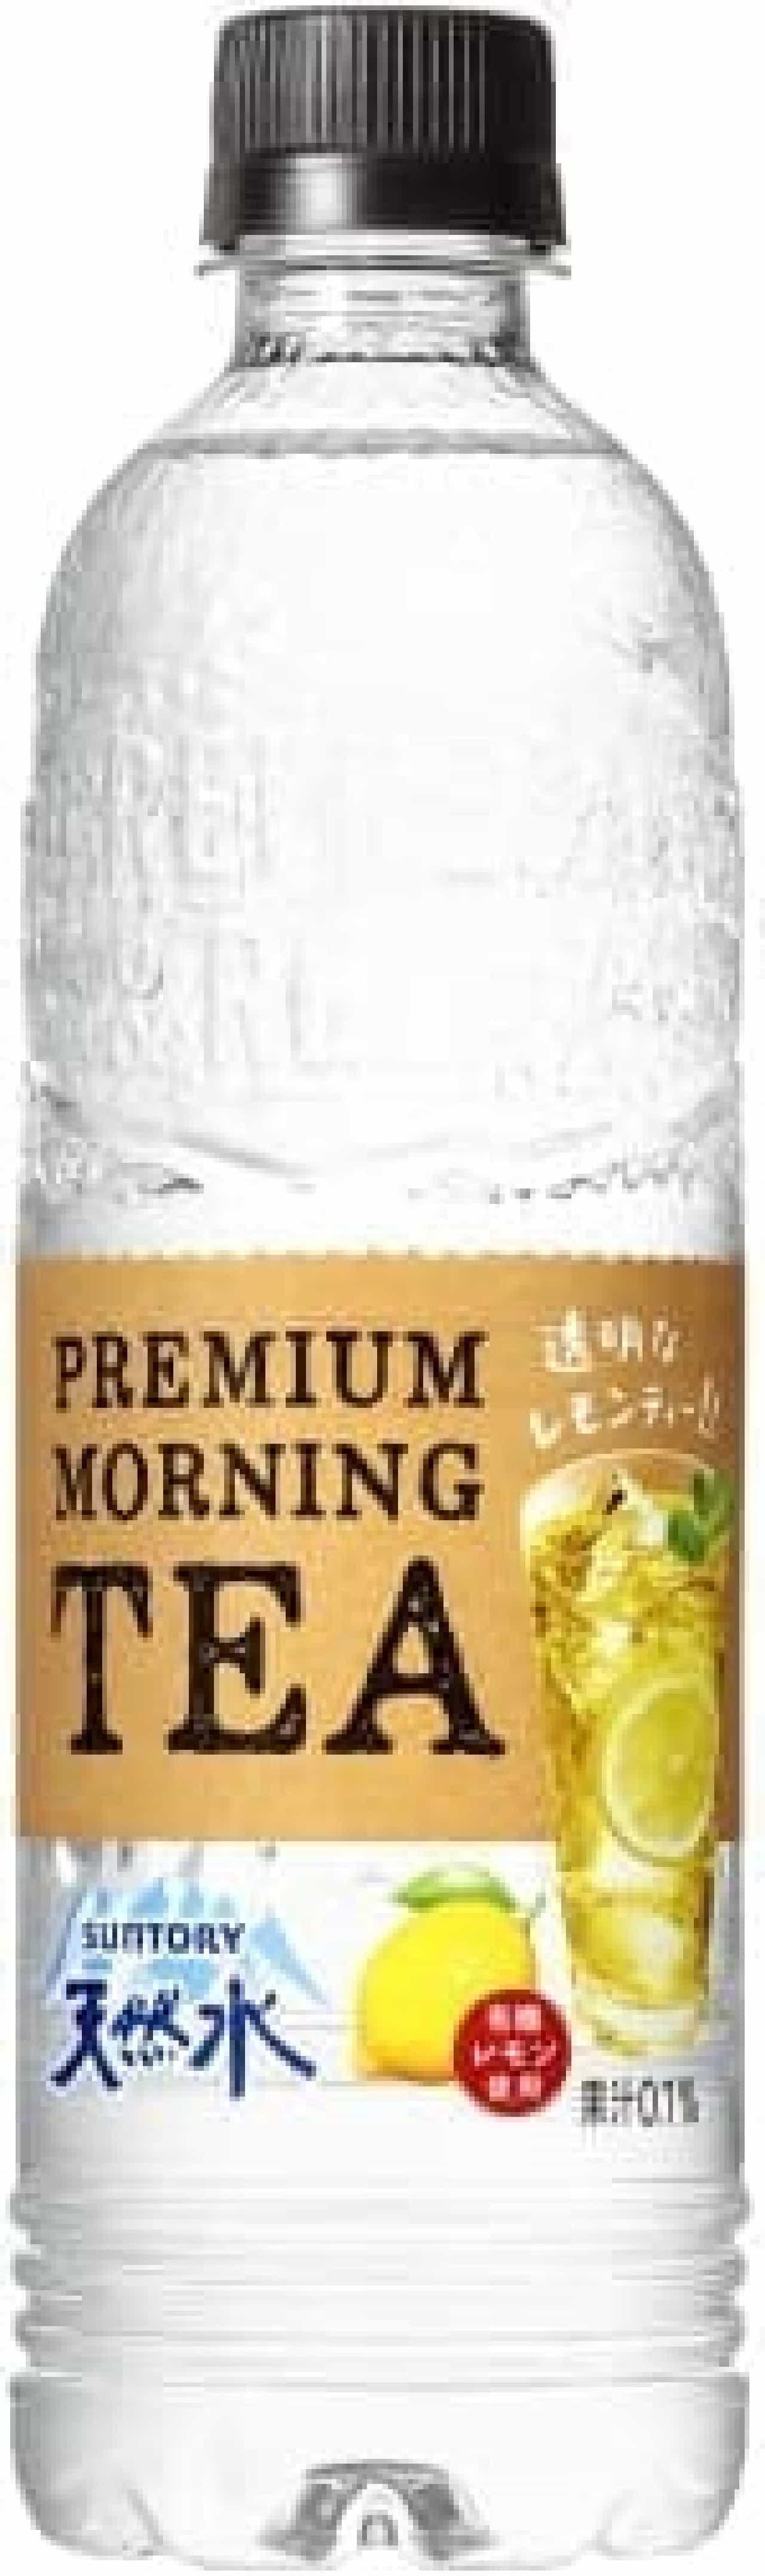 サントリー食品インターナショナル「サントリー天然水 PREMIUM MORNING TEA レモン」